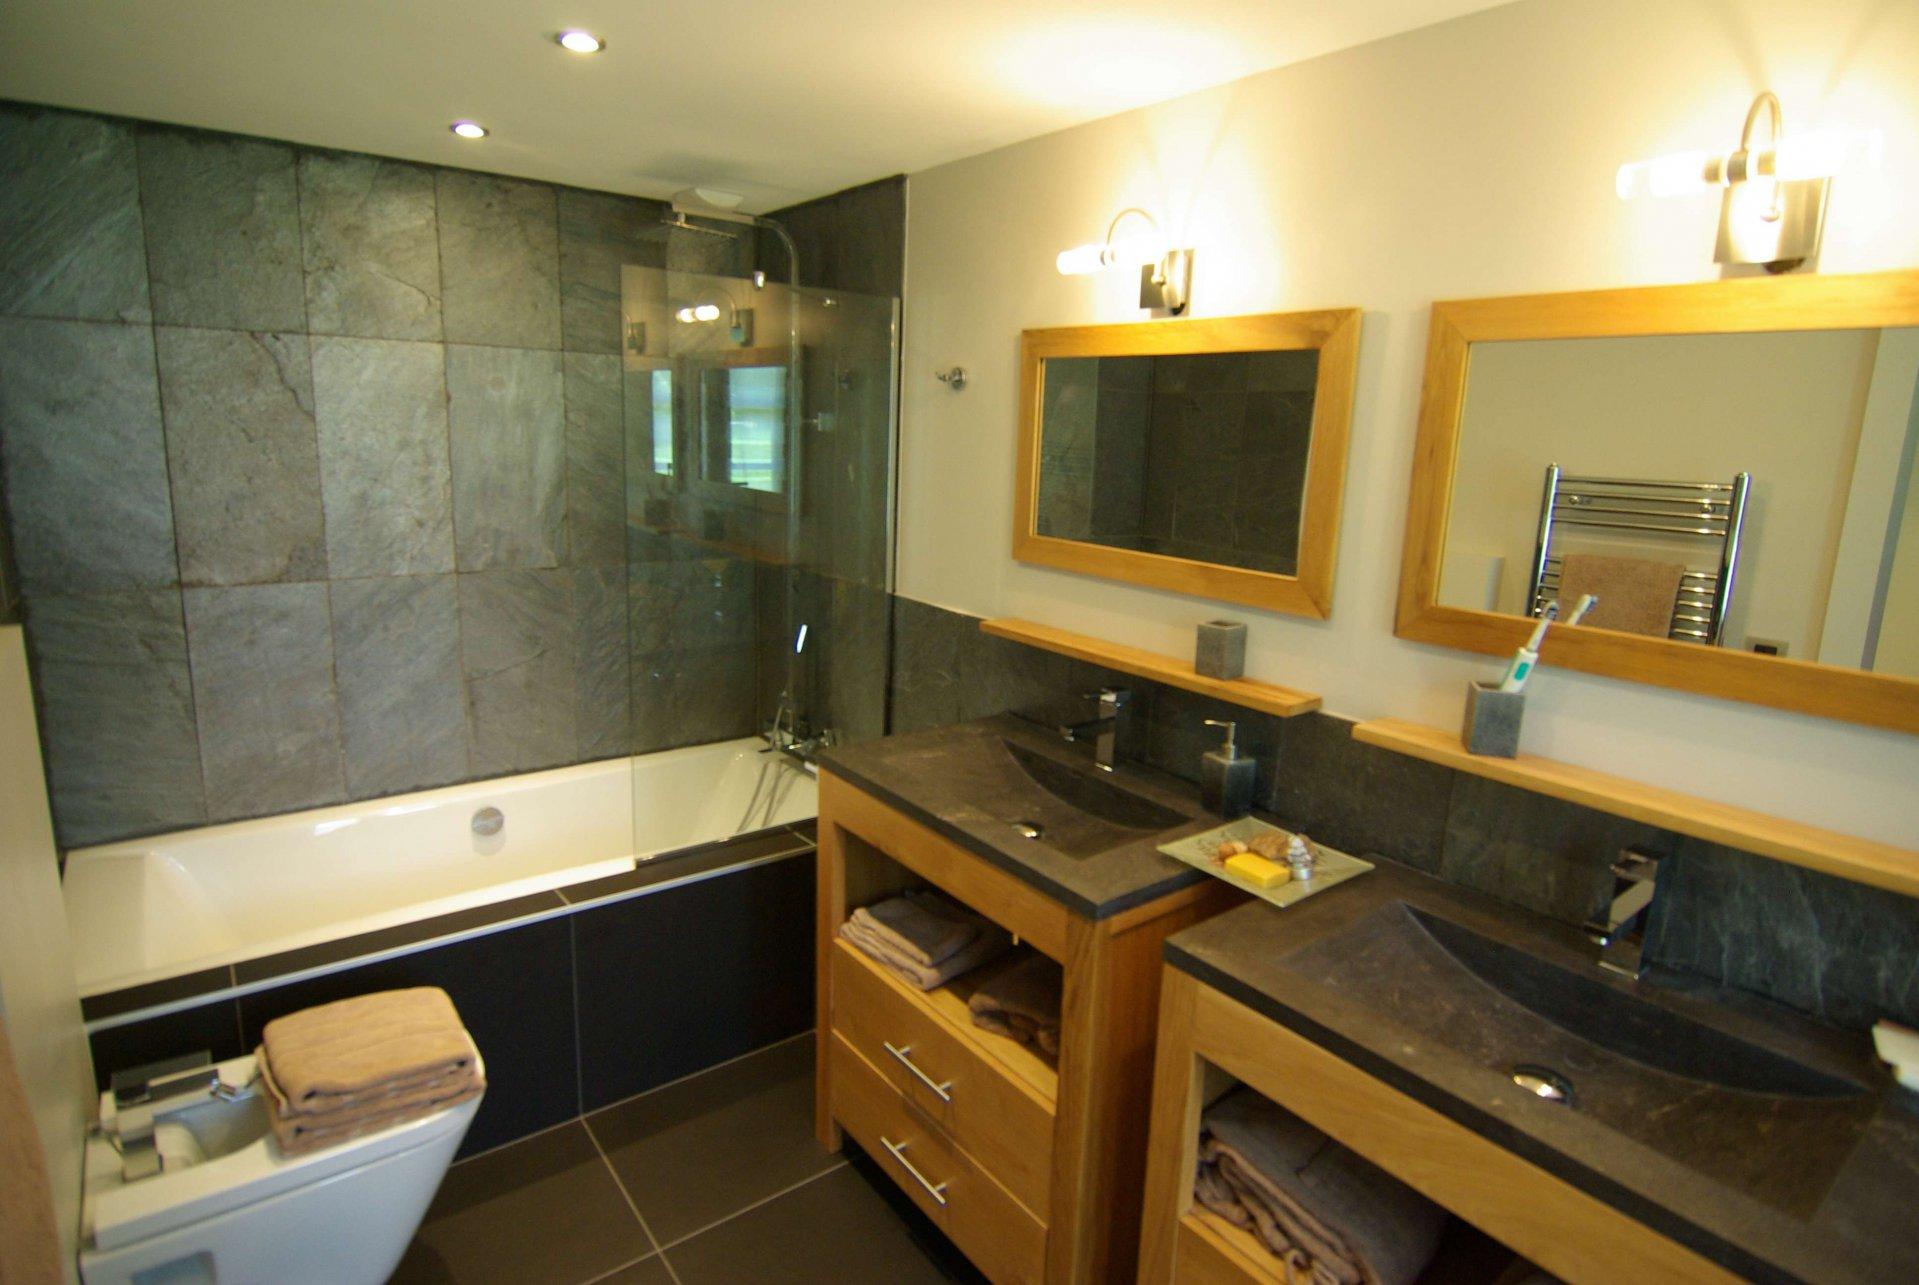 Grande e moderno bagno con vasca e doppio lavandino